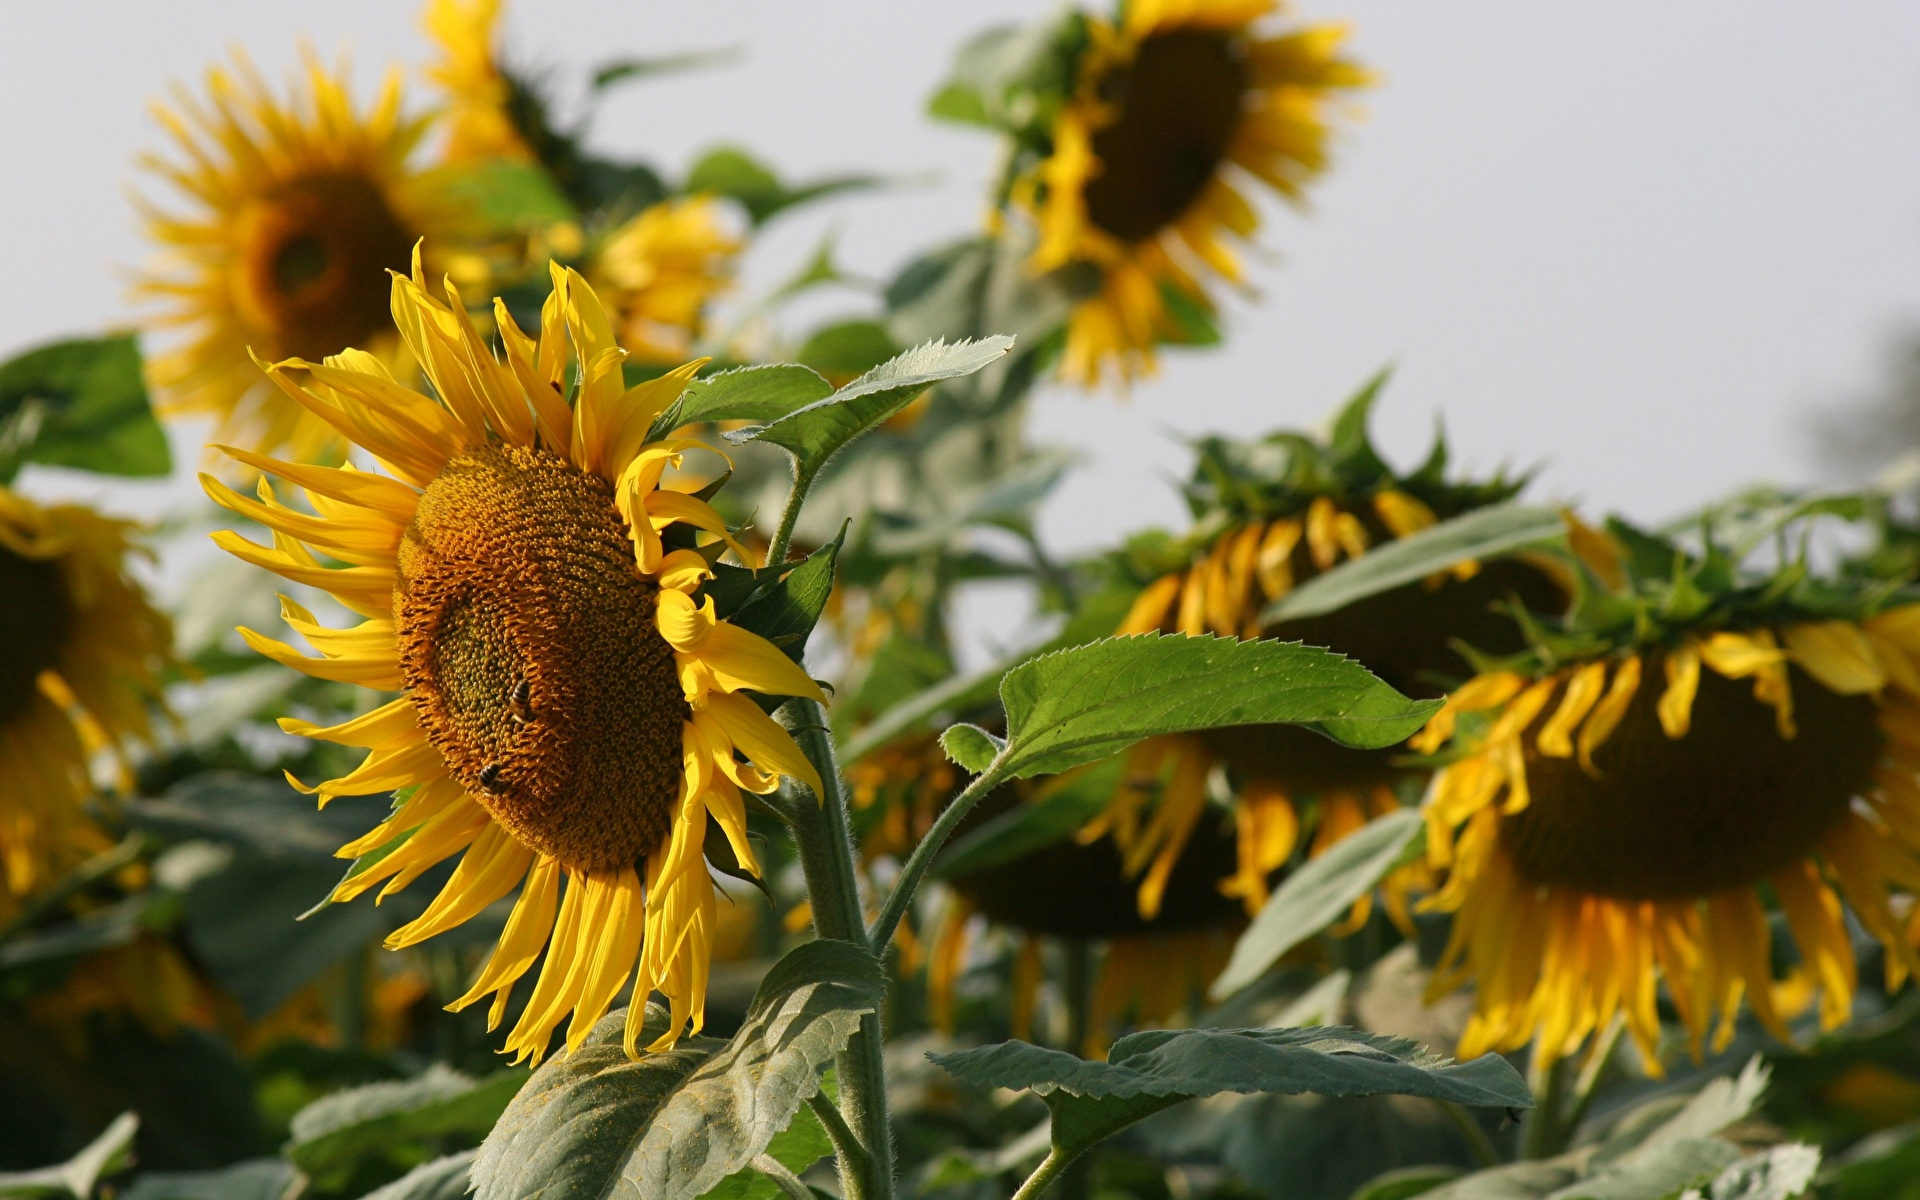 Foto Bokeh Gelb Blüte Sonnenblumen hautnah 1920x1200 unscharfer Hintergrund Blumen Nahaufnahme Großansicht